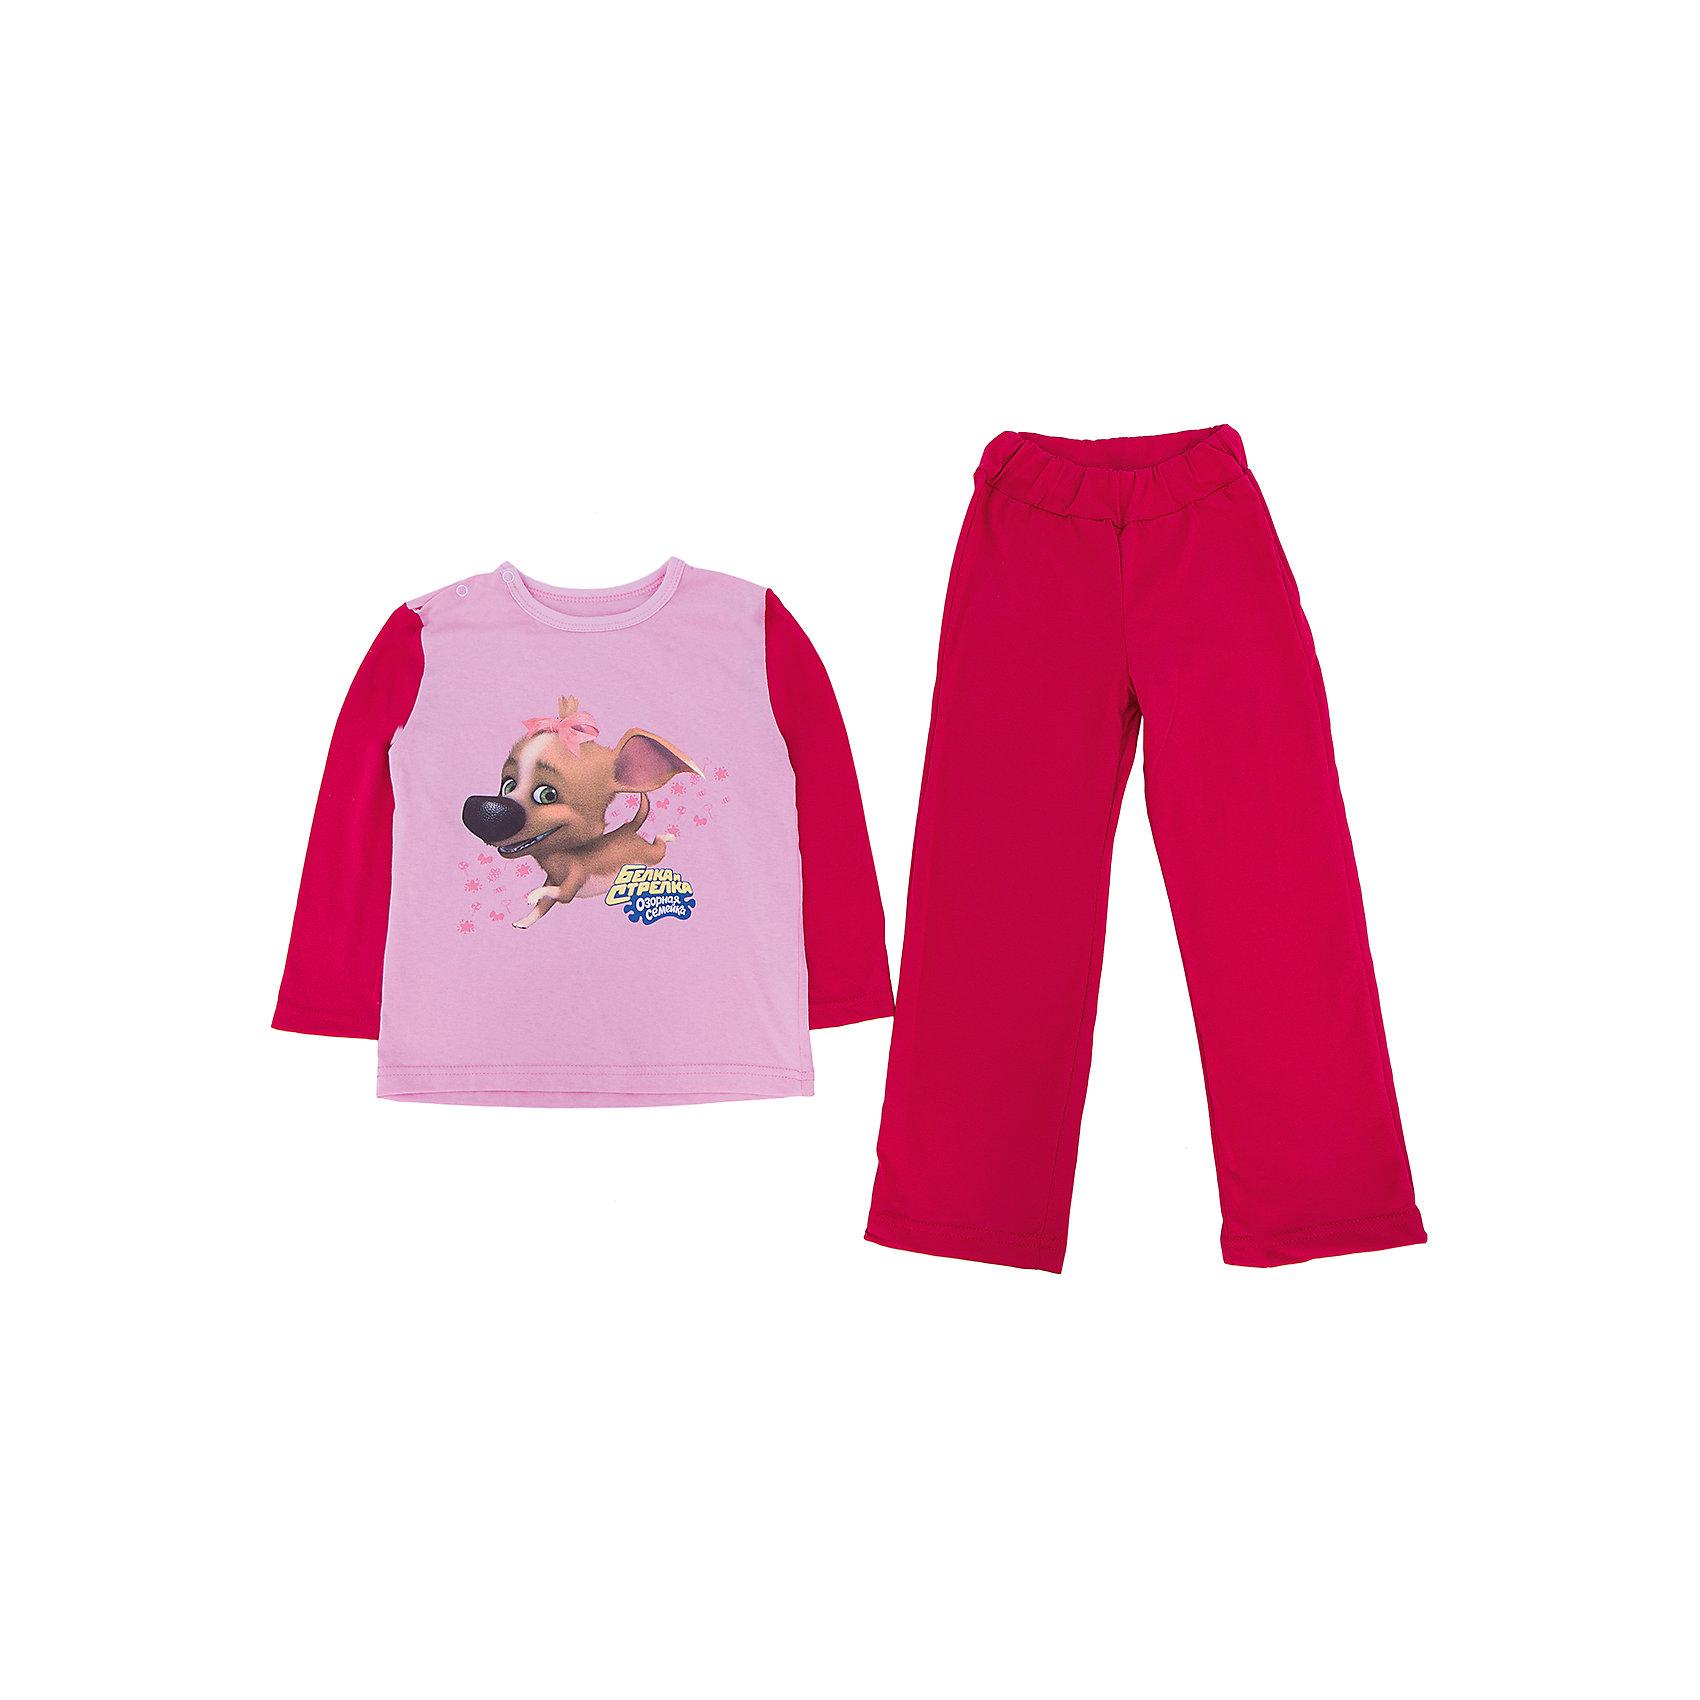 Пижама для девочки KotMarKotПижамы и сорочки<br>Пижама с изображением героя из мультсериала Озорная семейка, ткань кулирка. 100% хлопок<br><br>Ширина мм: 281<br>Глубина мм: 70<br>Высота мм: 188<br>Вес г: 295<br>Цвет: розовый<br>Возраст от месяцев: 18<br>Возраст до месяцев: 24<br>Пол: Женский<br>Возраст: Детский<br>Размер: 92,98,104,110,116,122<br>SKU: 4725045